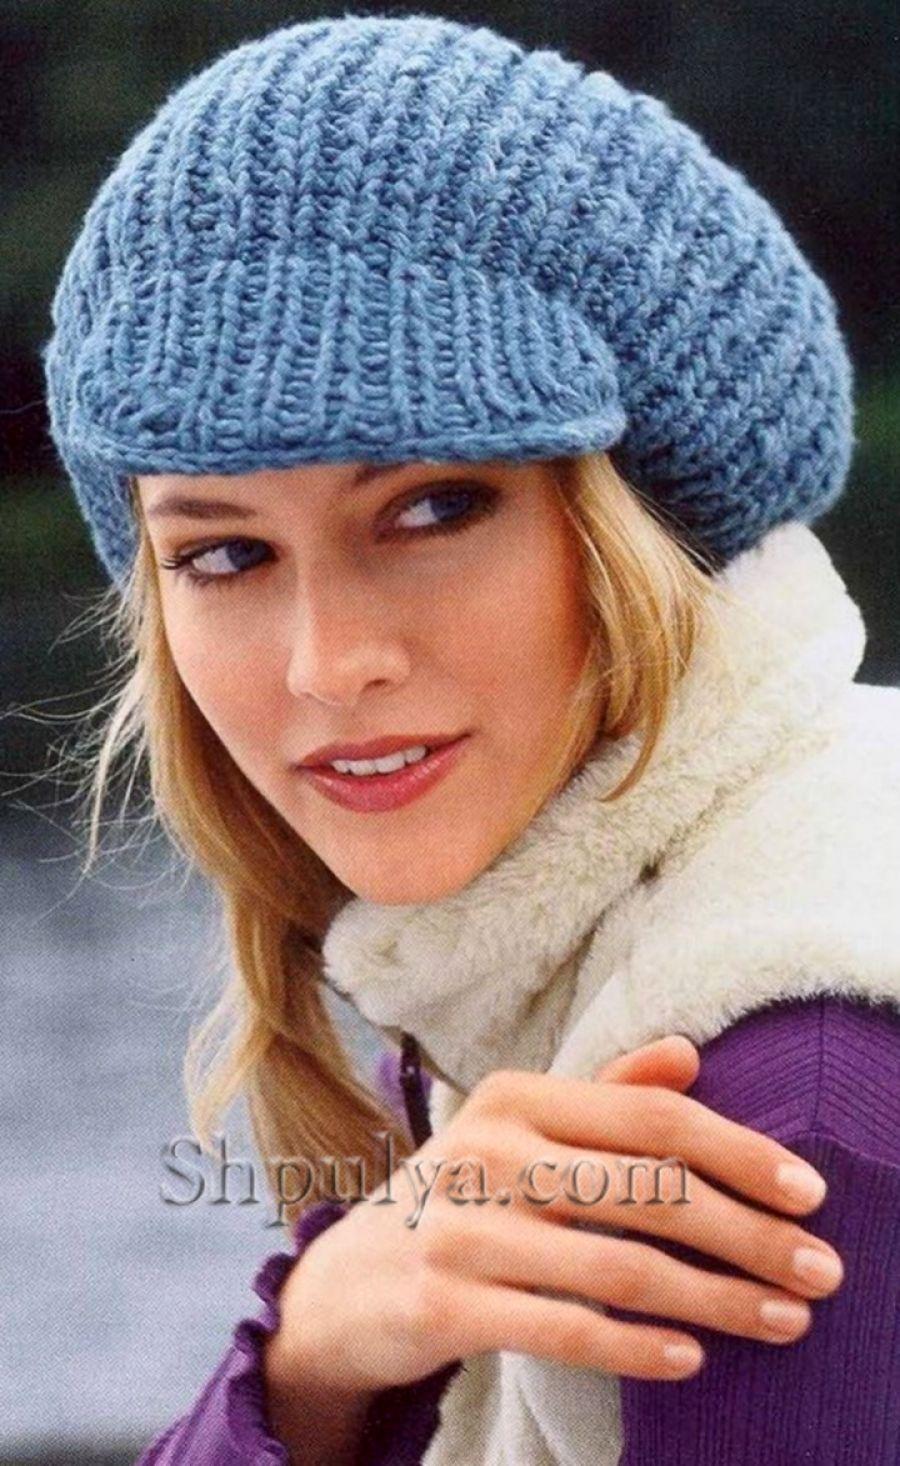 Wwwshpulyacom вязаное женское кепи спицами вязание спицами